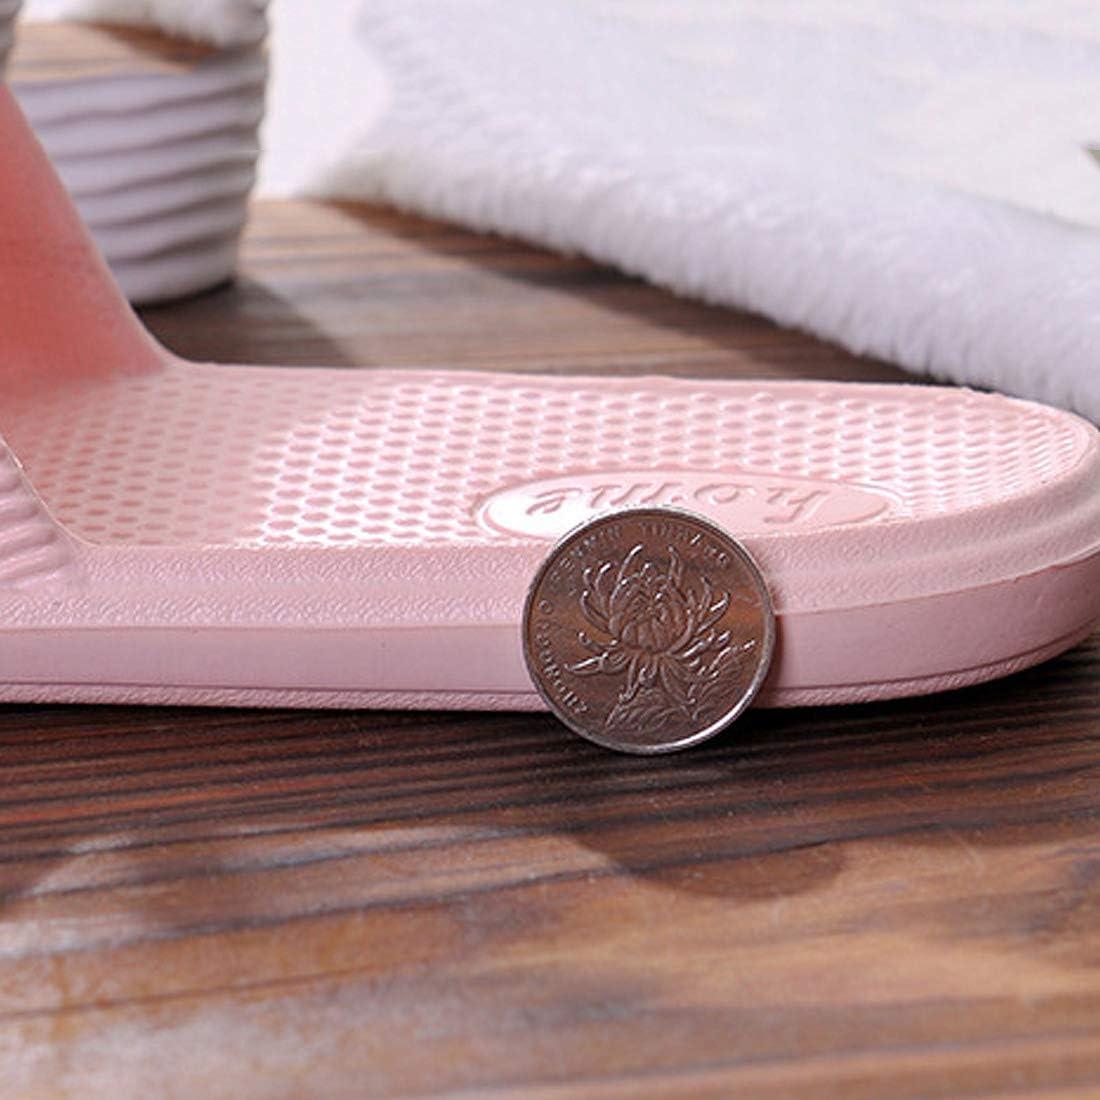 YUENA CAREUnisexe Sandales Antid/érapant Douche Salle de Bain Chaussons Souple EVA Int/érieur Ext/érieur Chaussures de Plage Piscine #D